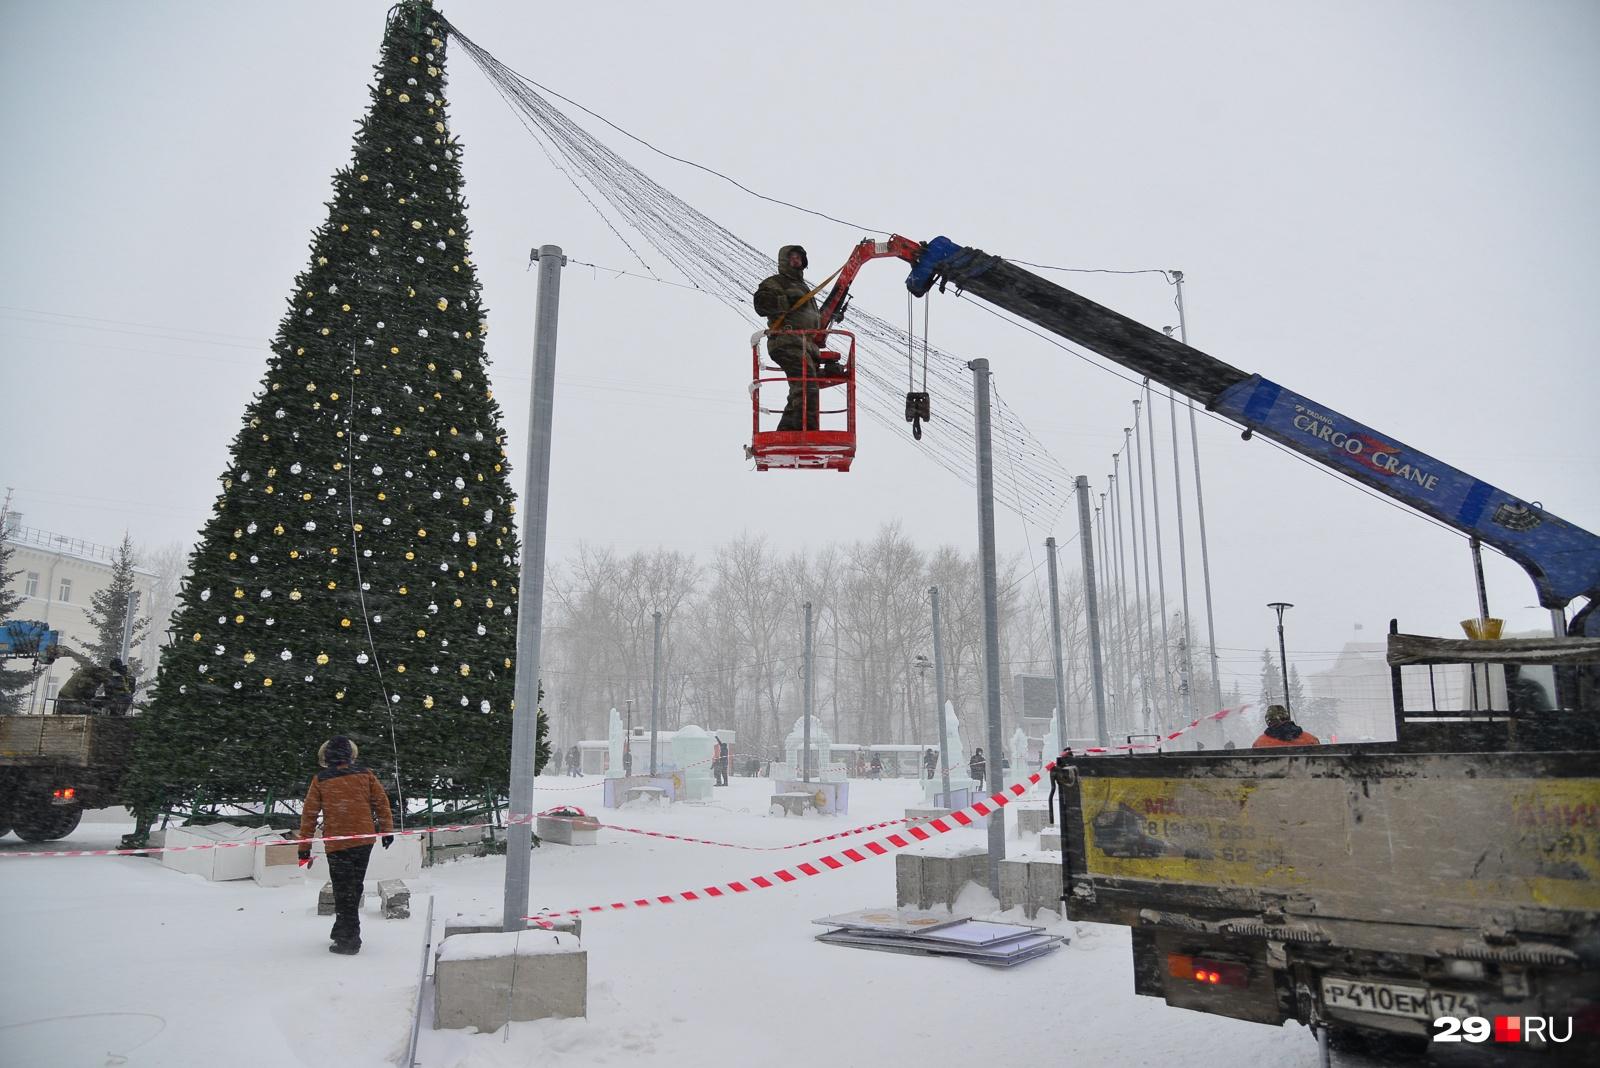 Акция совпала с работой администрации, сегодня убирали новогодние украшения